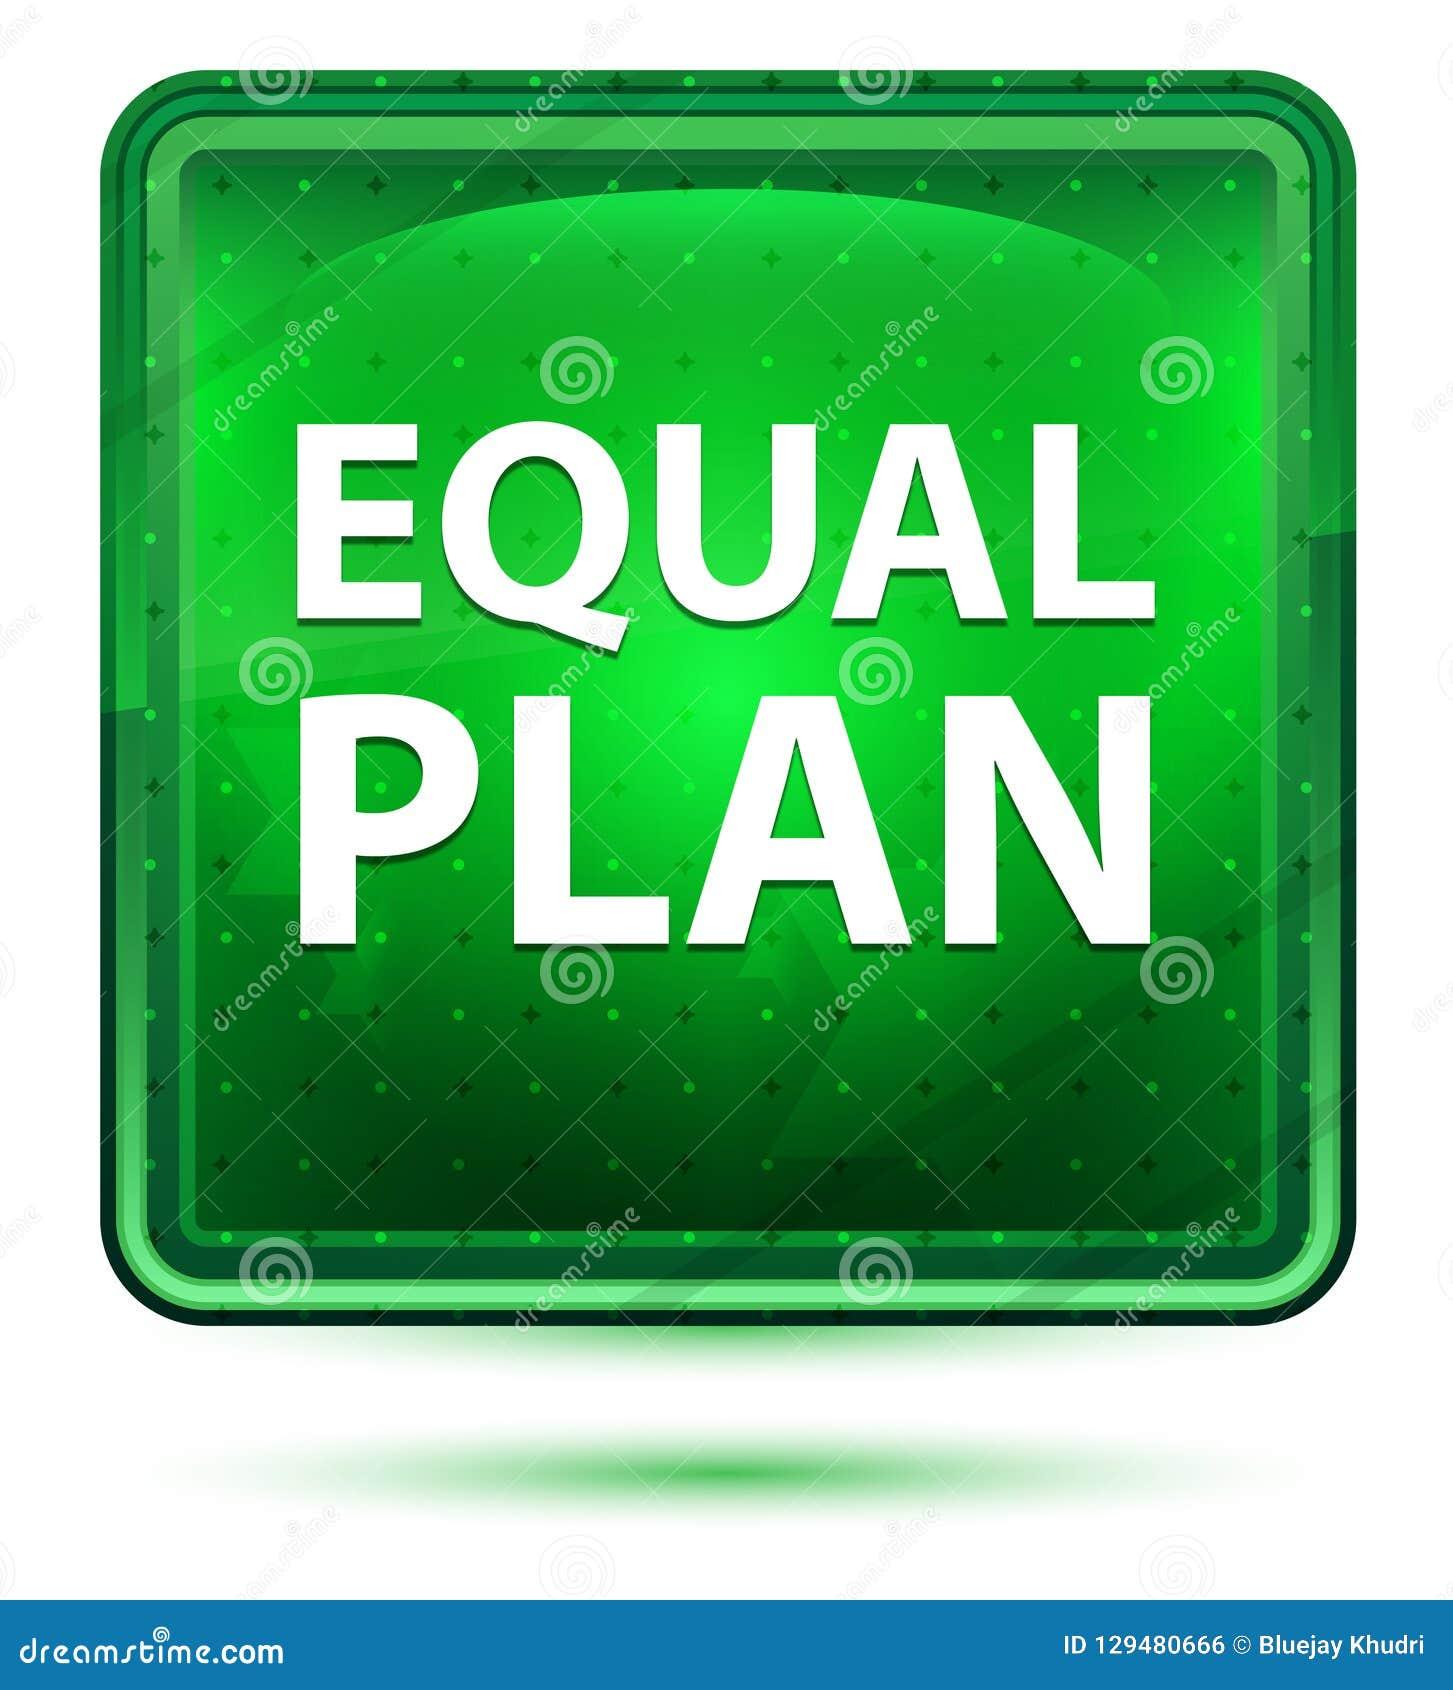 均等计划霓虹浅绿色的方形的按钮